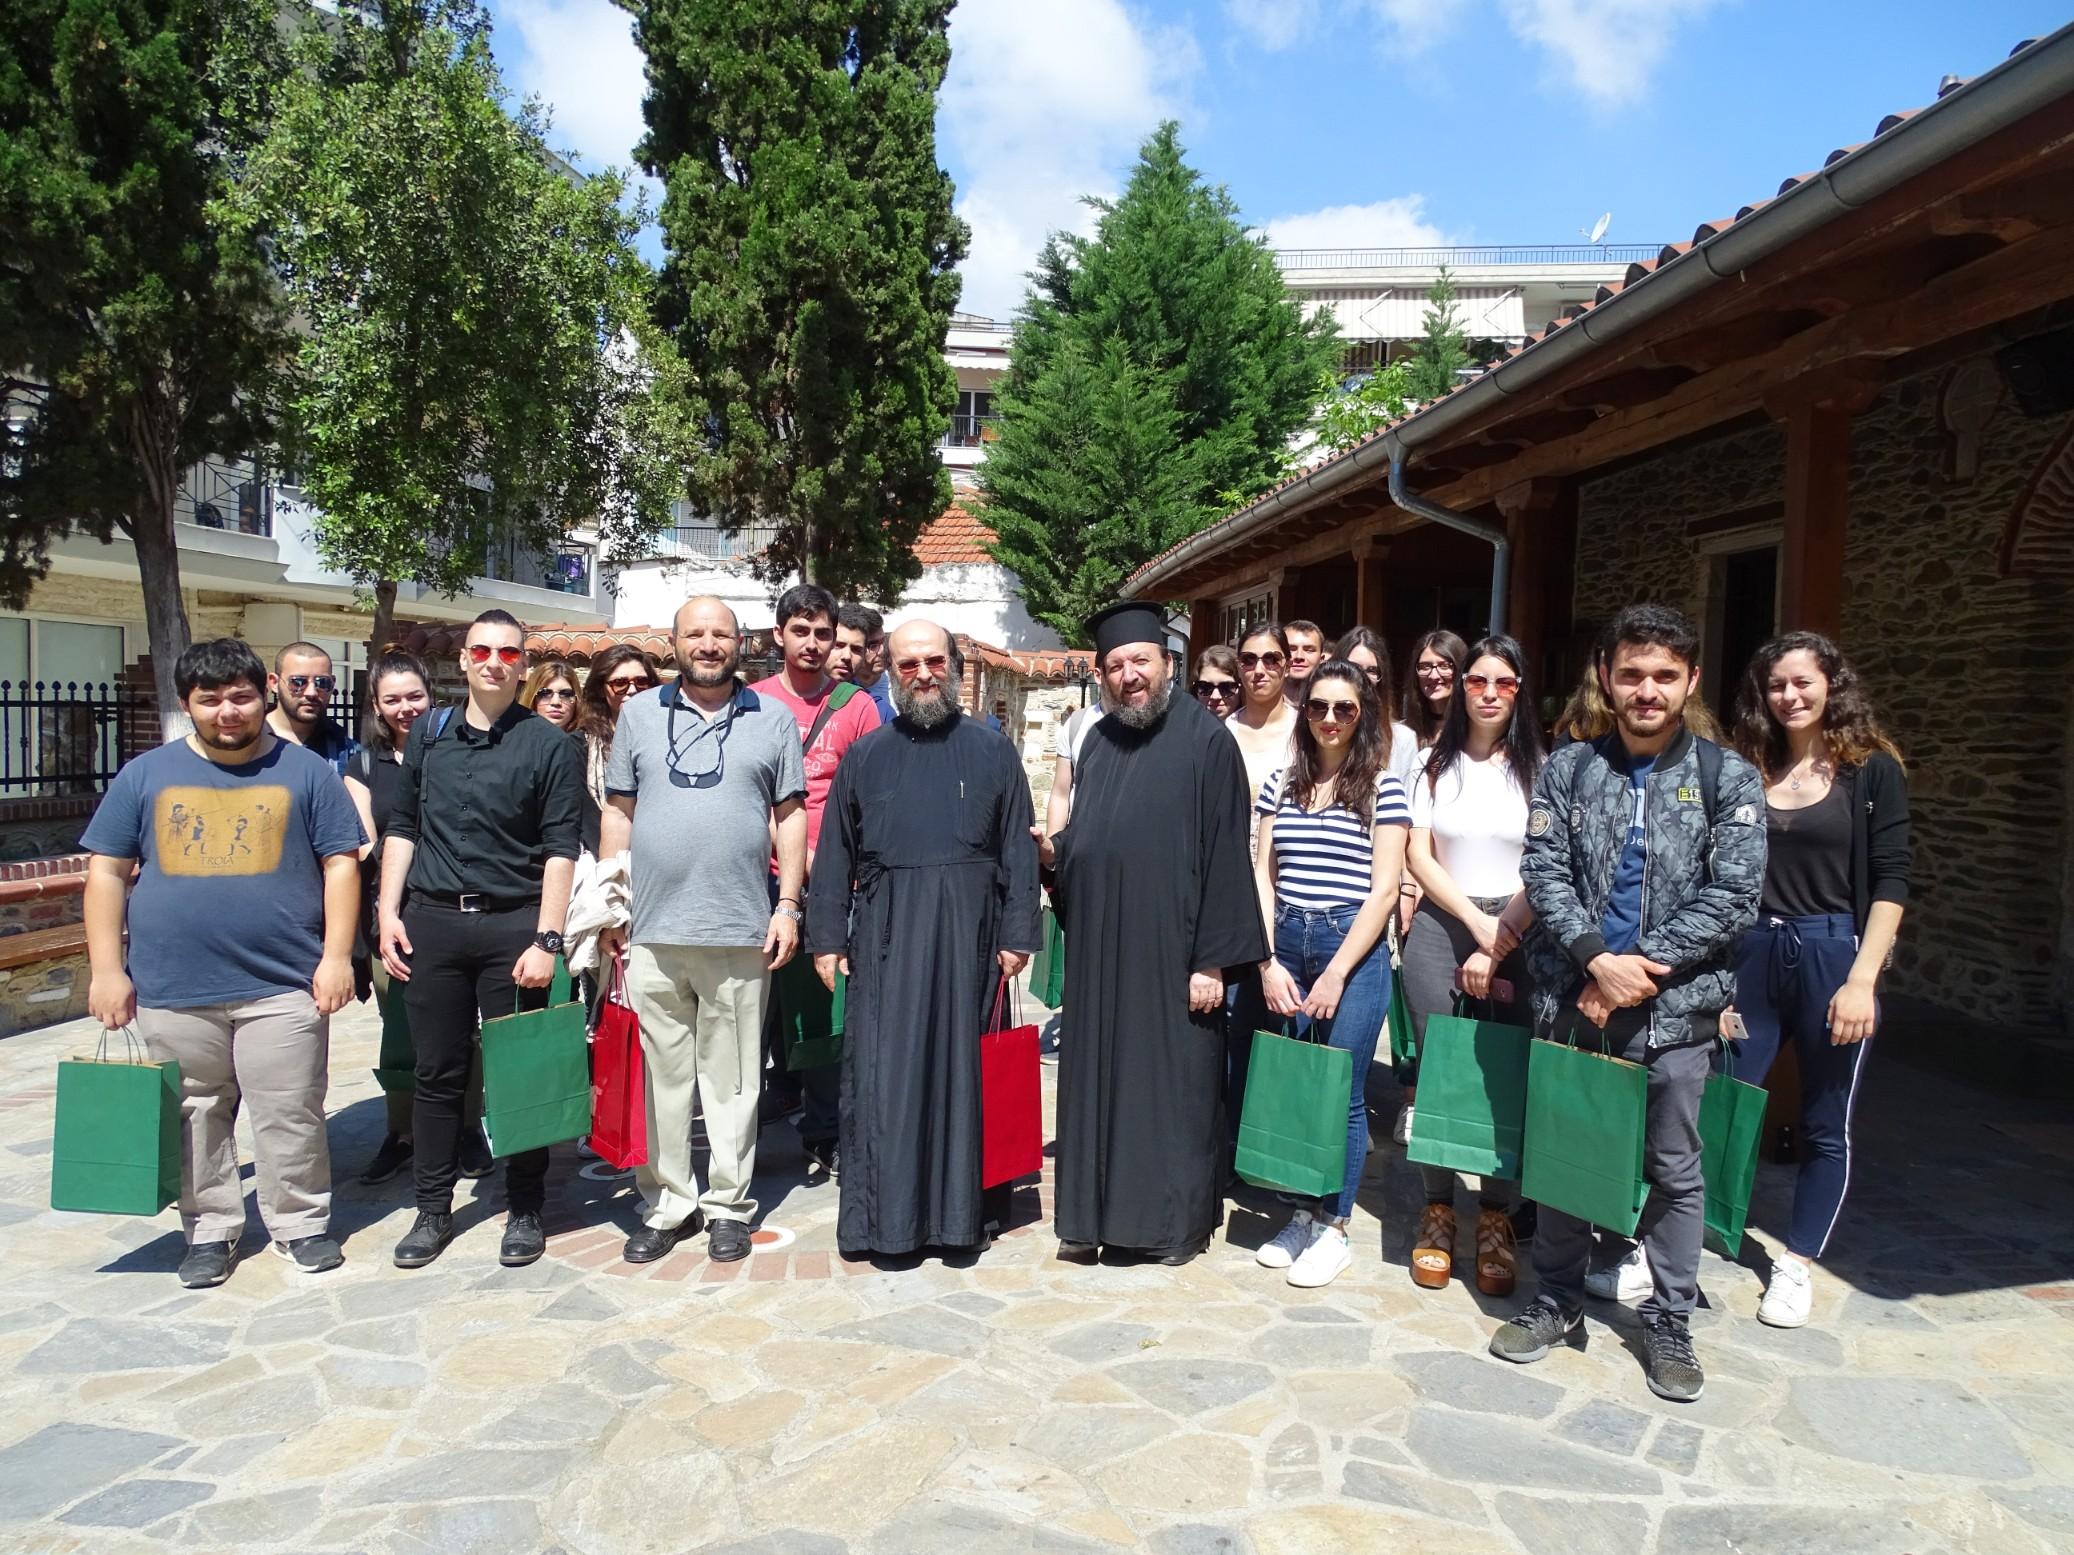 Επίσκεψη φοιτητών της Θεολογικής Σχολής στην Ενορία